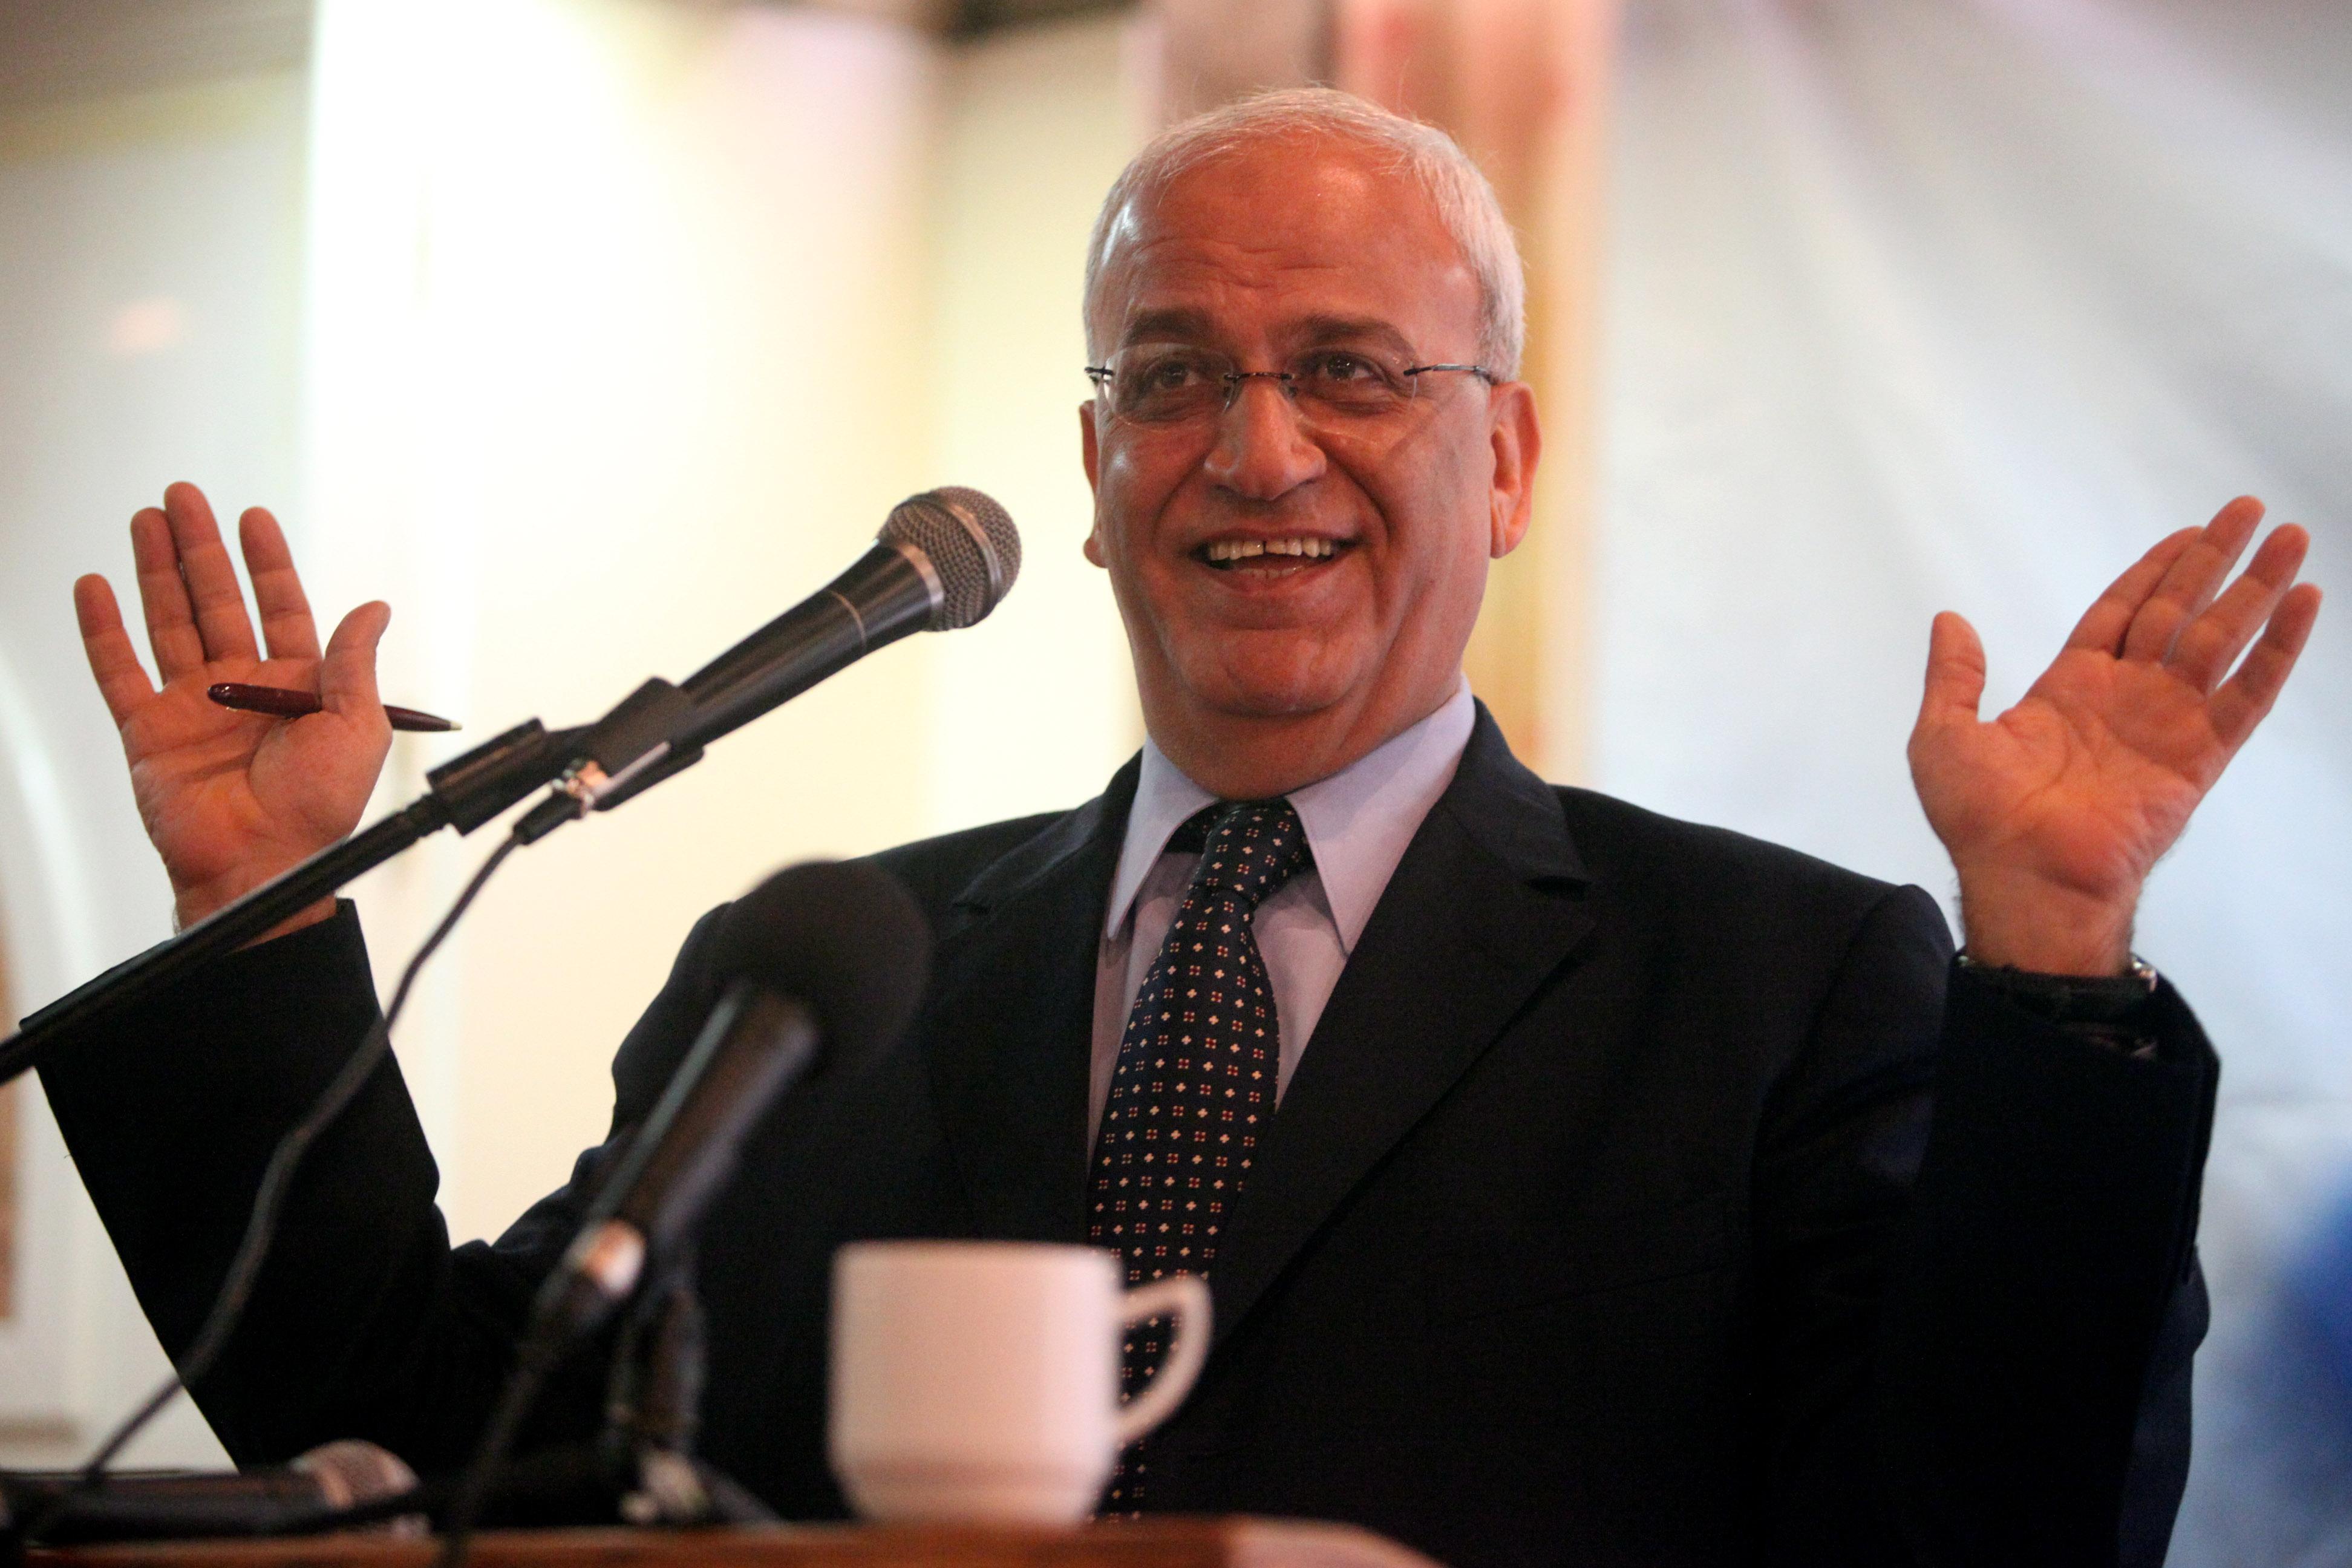 Las mentiras de Saeb Erekat: ¿Cómo la propaganda palestina socava la verdad y los esfuerzos de paz? – Por Coronel (retirado) Dr. Eran Lerman